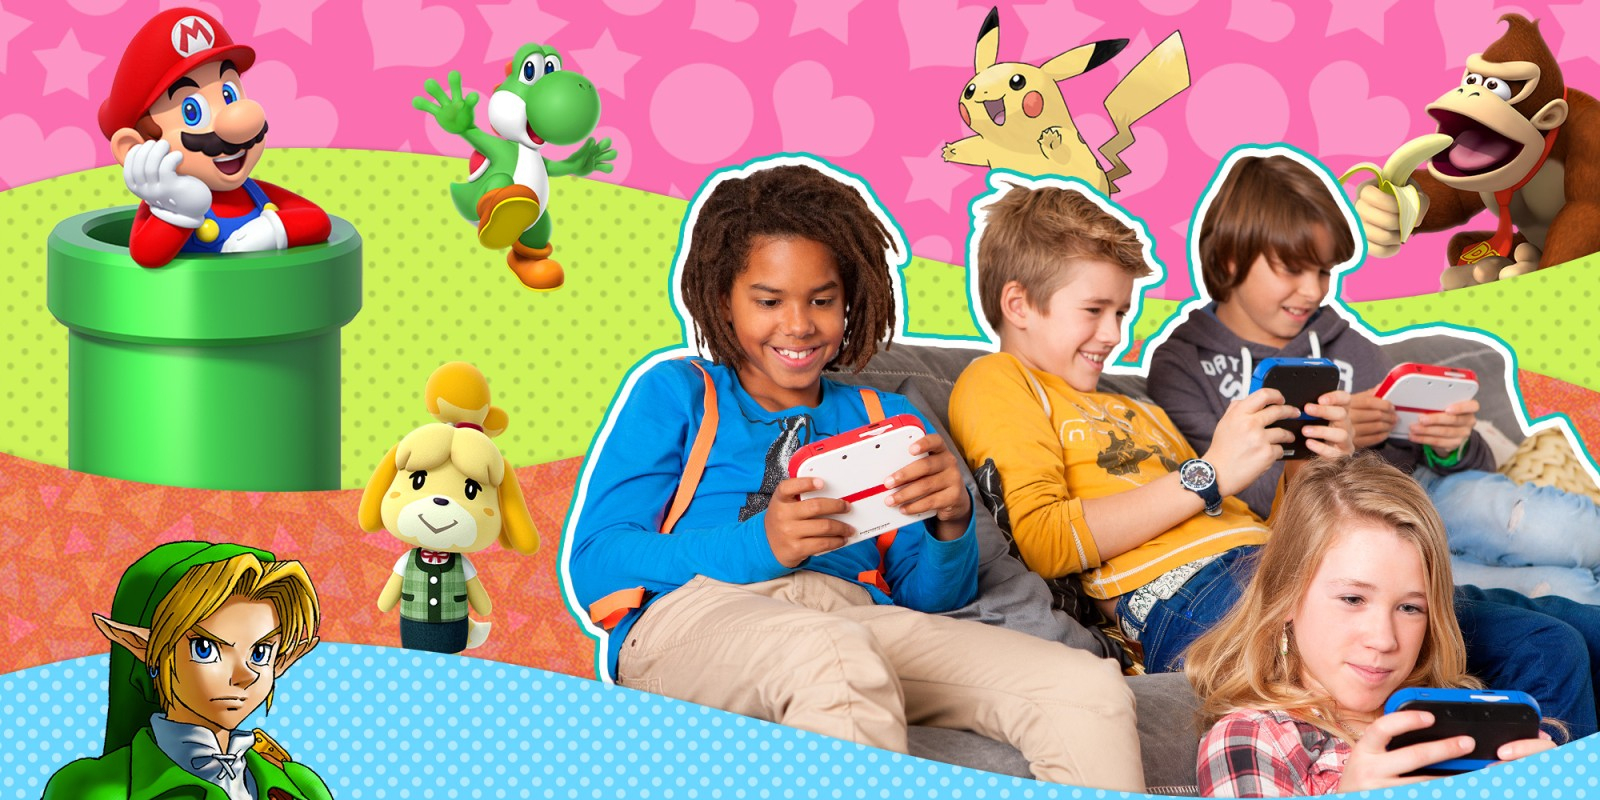 Jeux Nintendo Pour Les Enfants | Nintendo concernant Jeux Pour Petit De 4 Ans